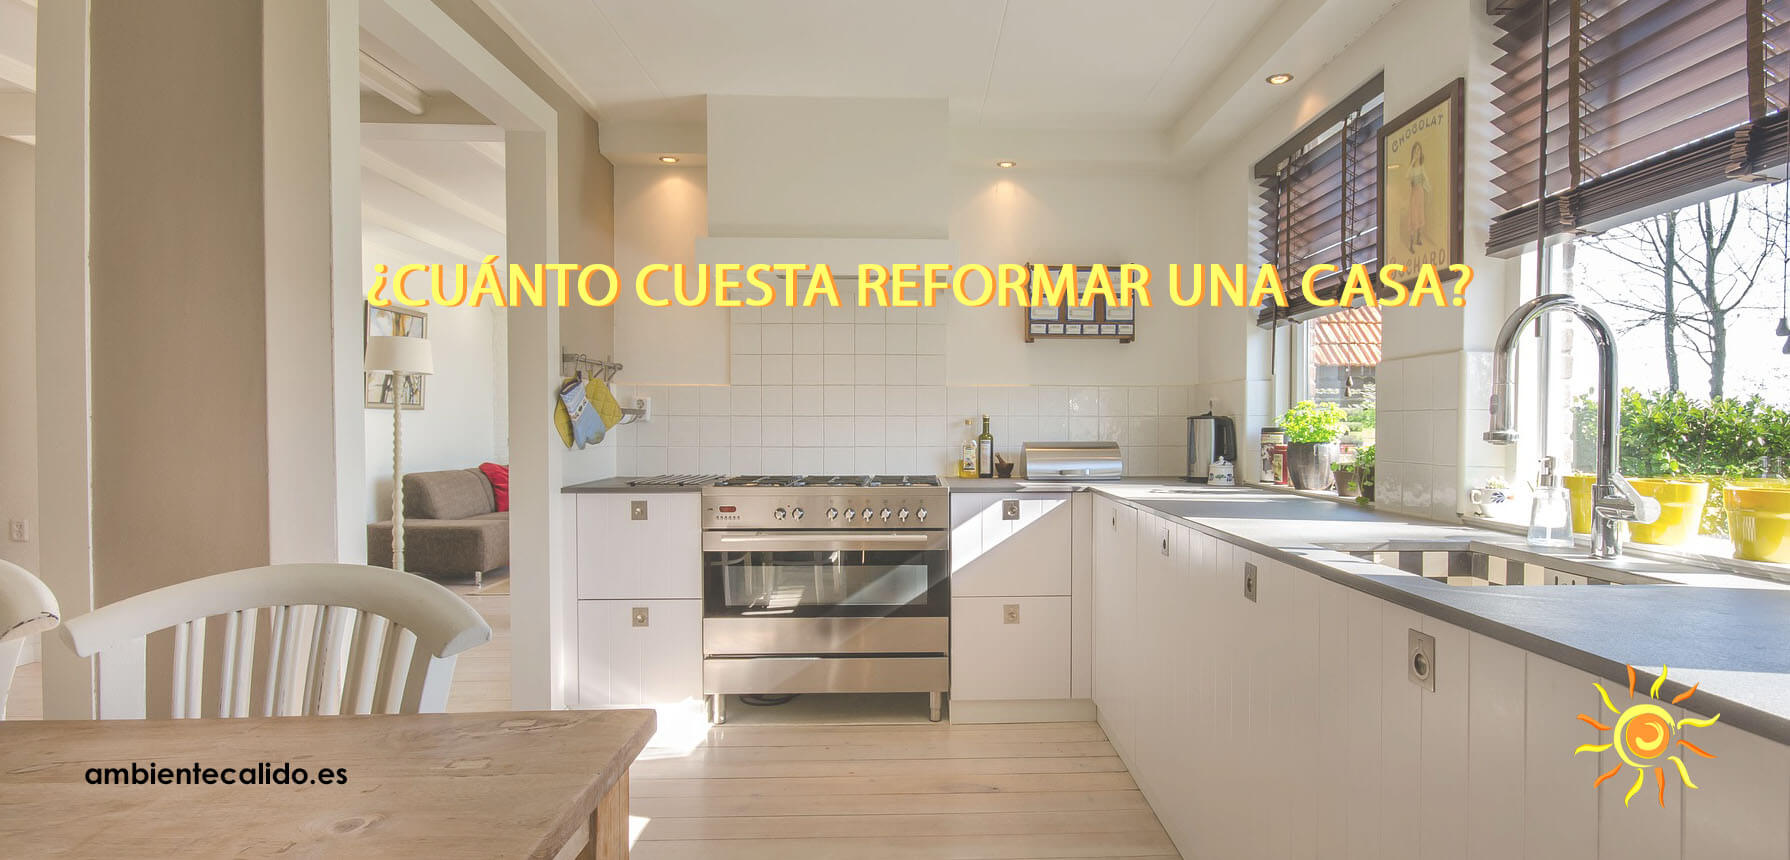 agrandar una ventana de casa Cunto Cuesta Reformar Una Casa Manual Paso A Paso